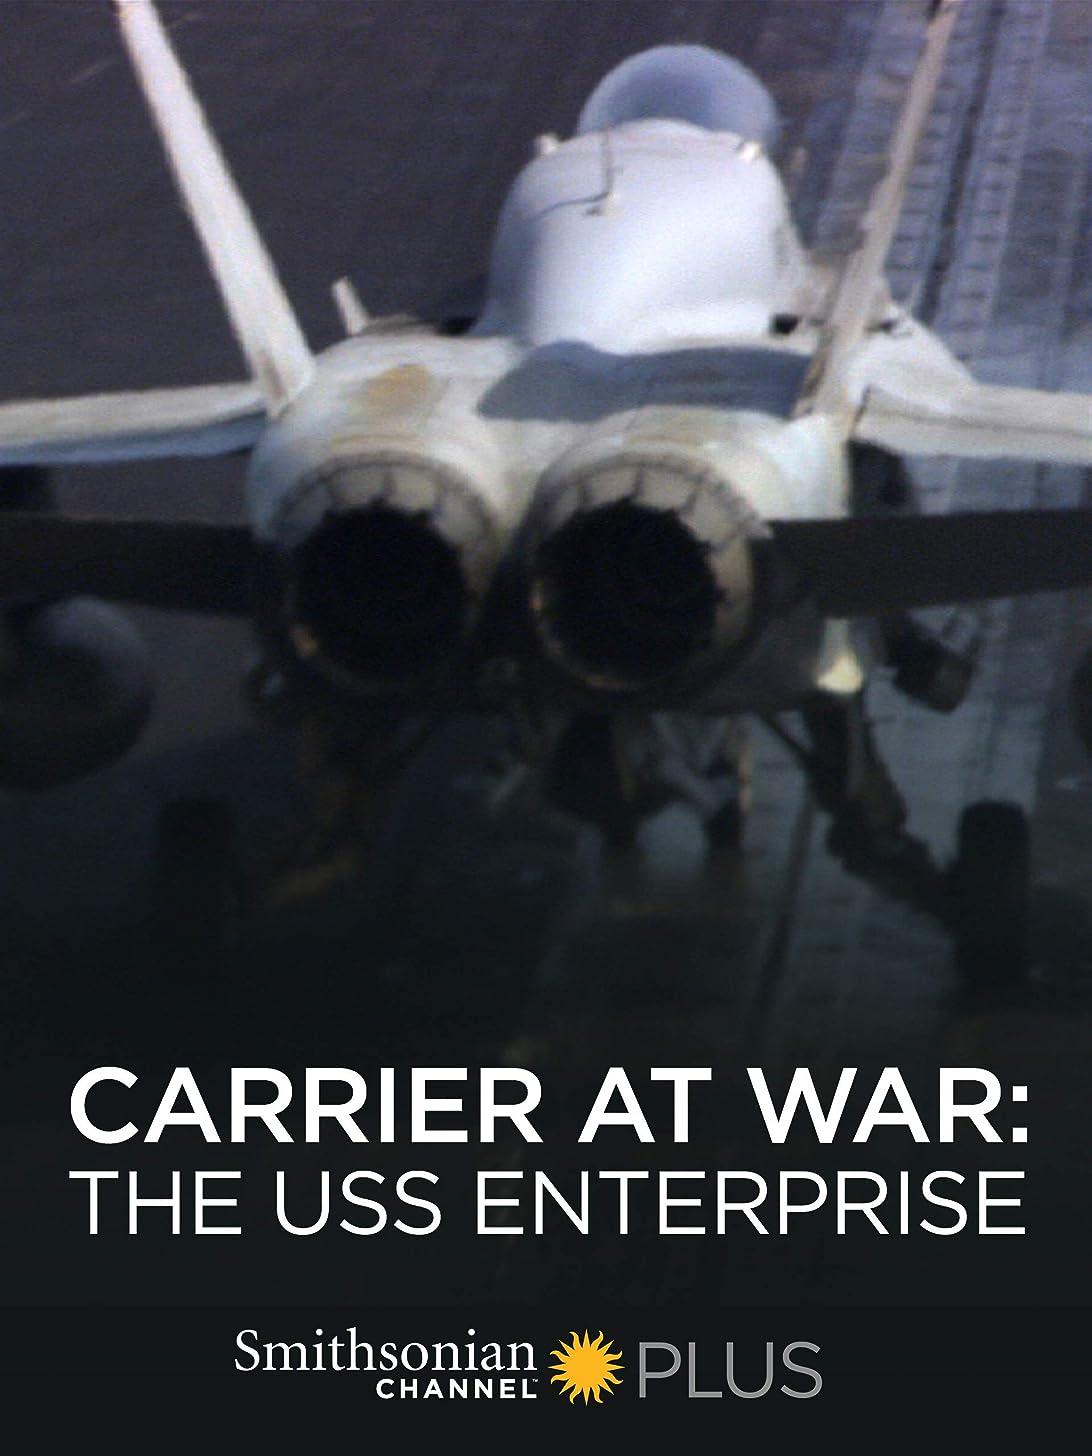 Carrier at War: The USS Enterprise